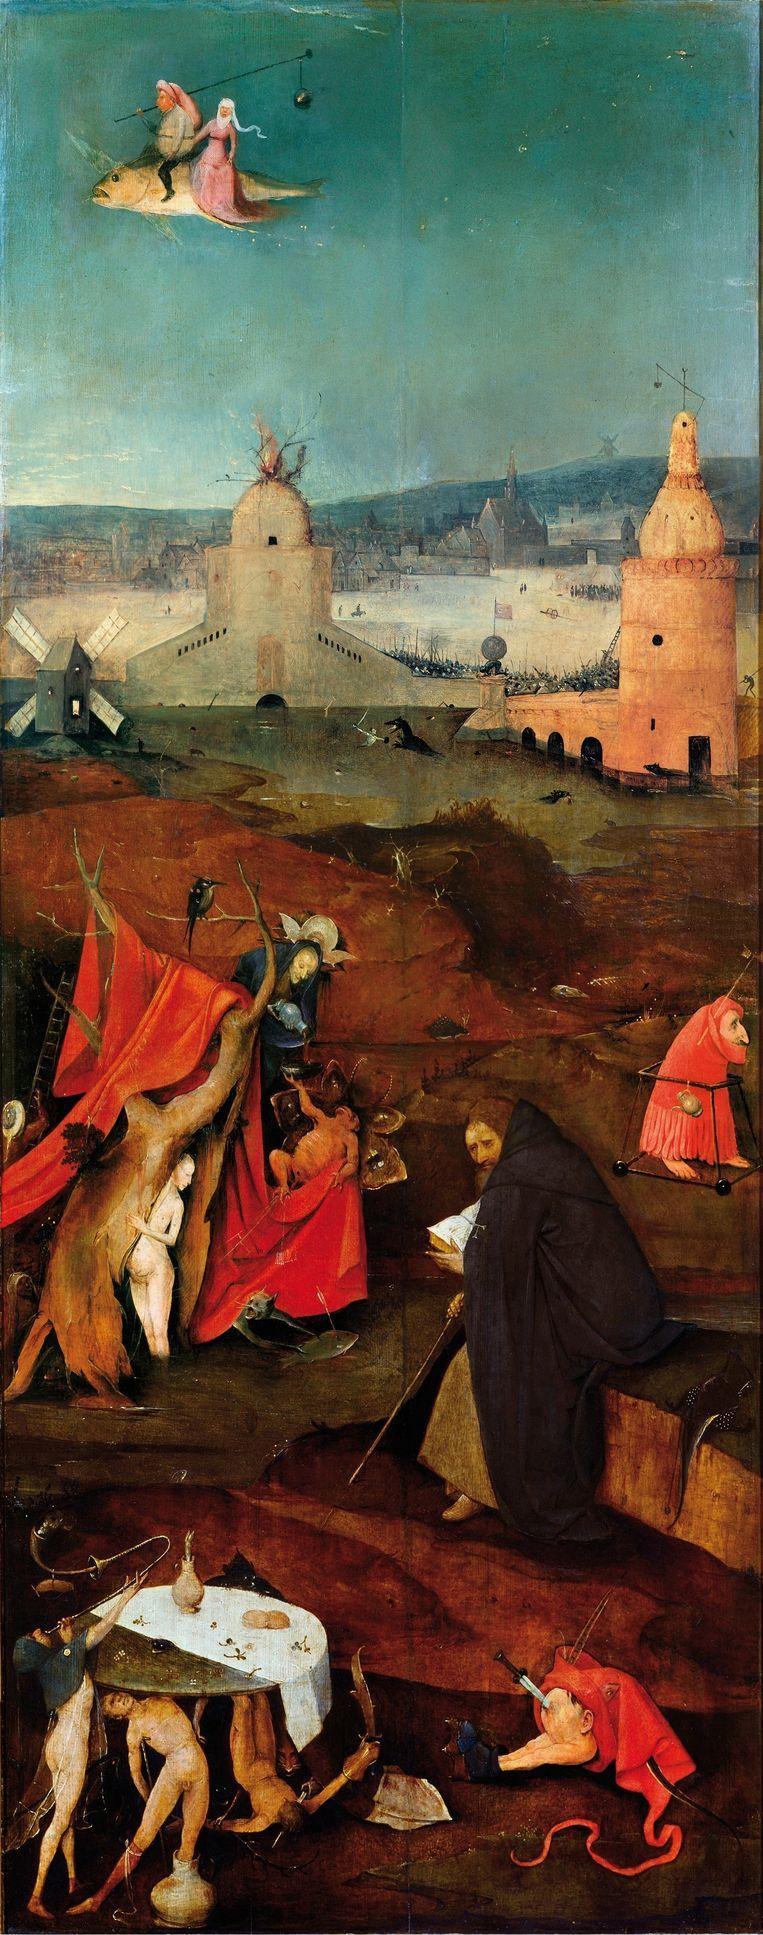 Jeroen Bosch, De verzoeking van de heilige Antonius, rechterpaneel. Beeld .